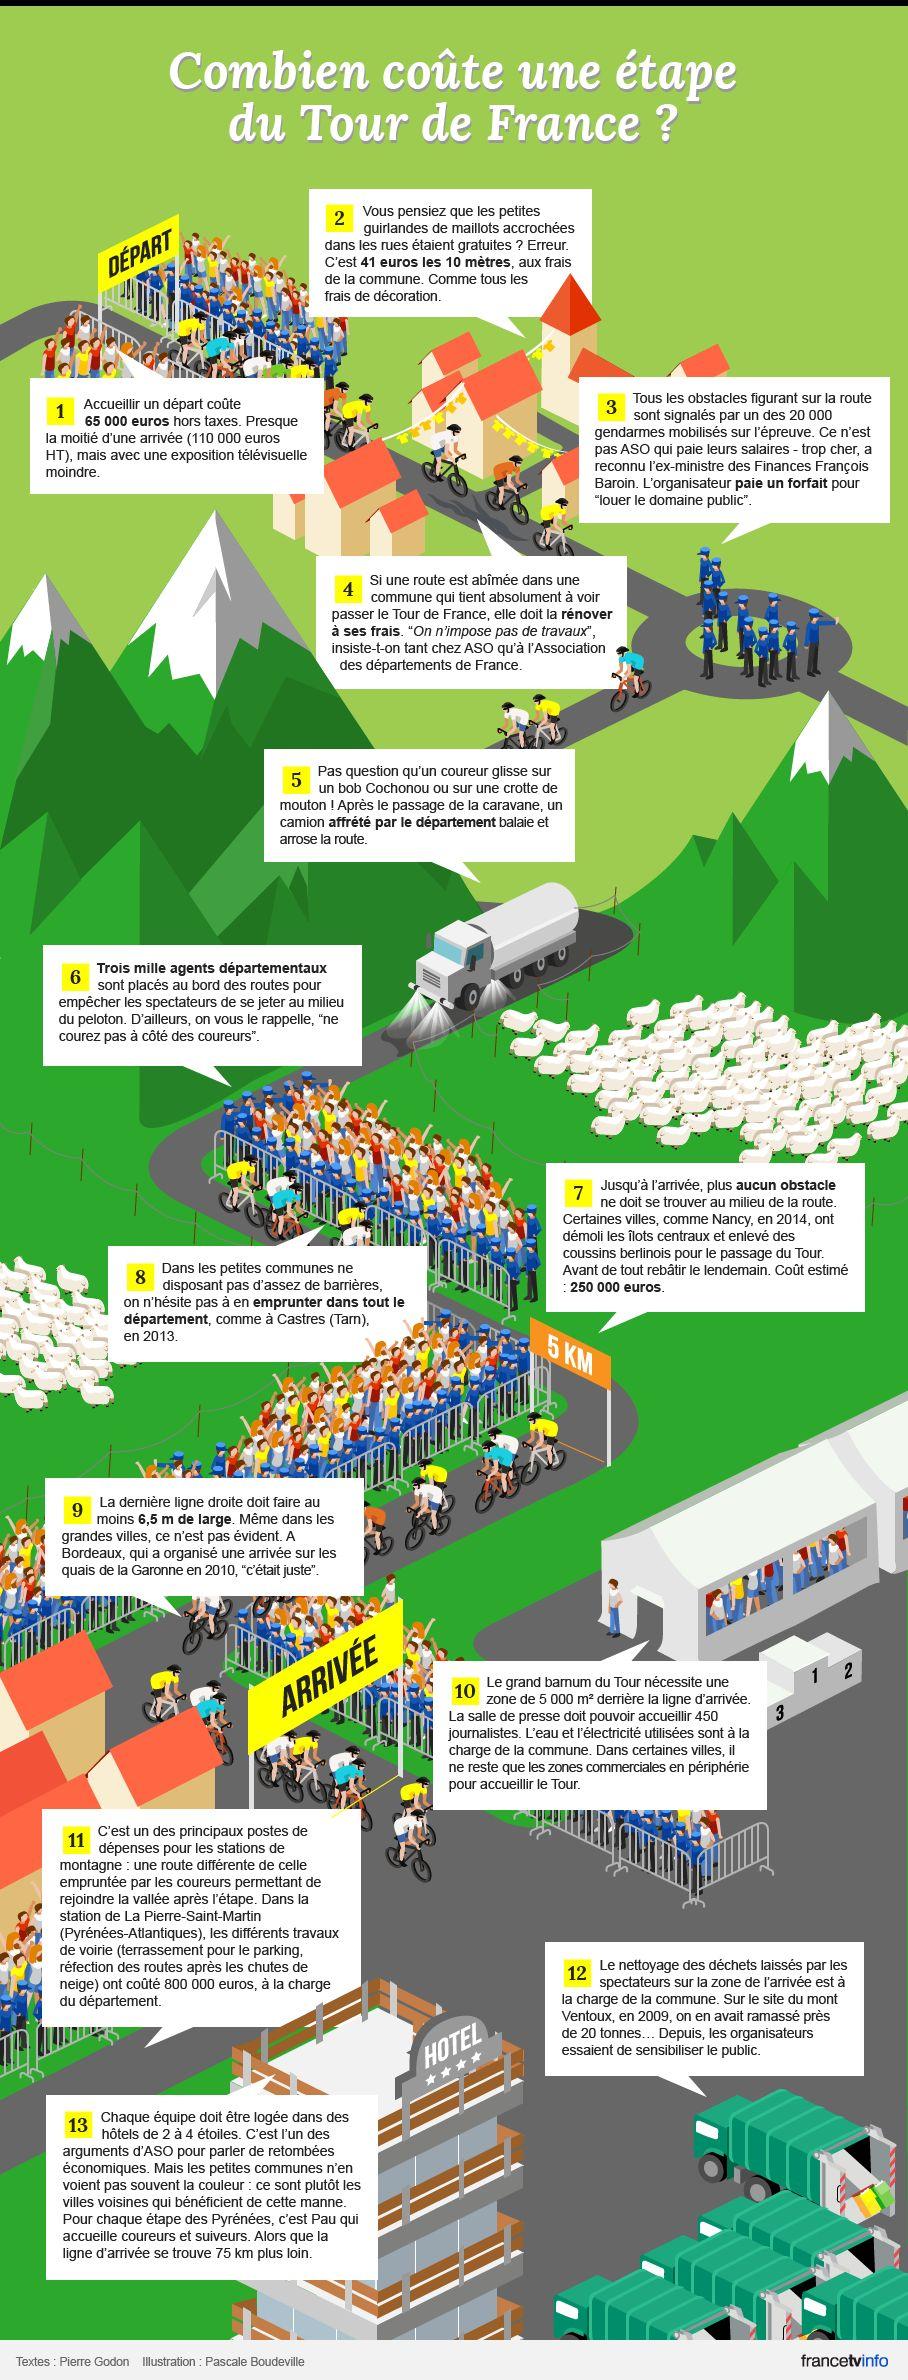 Combien coûte une étape du Tour de France